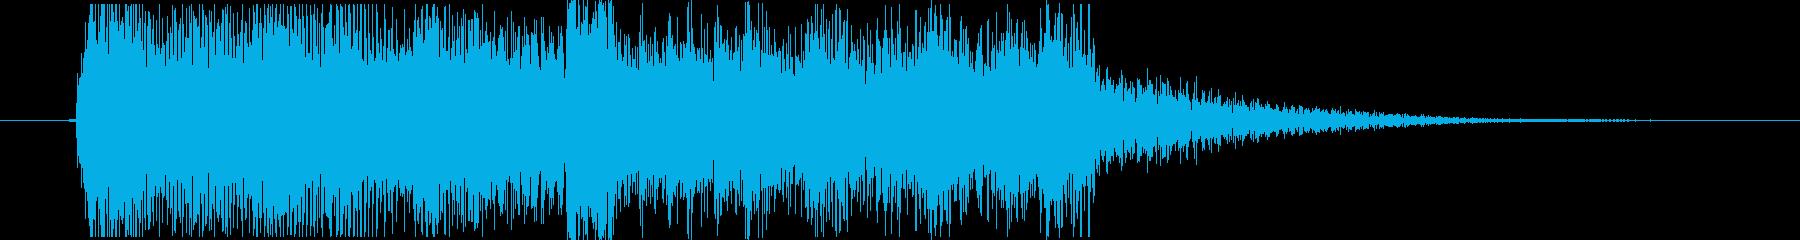 エレピとストリングスによるジングルの再生済みの波形